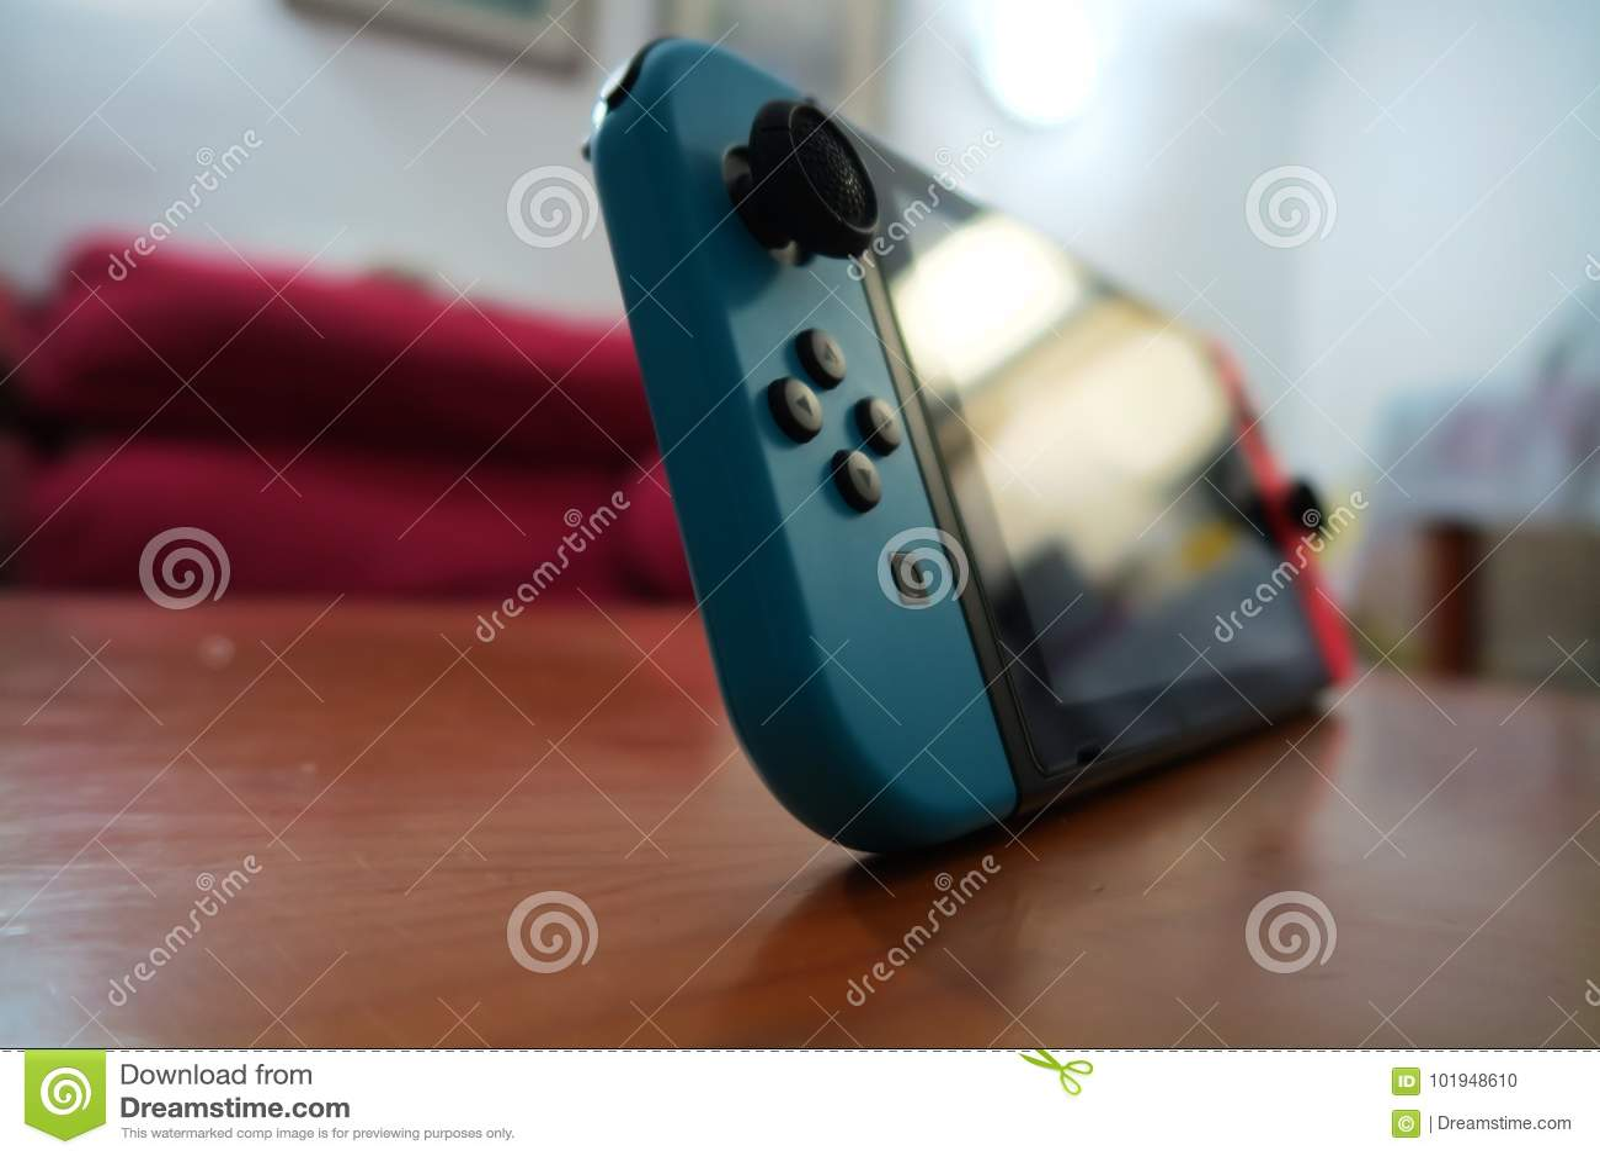 Nintendo comuta